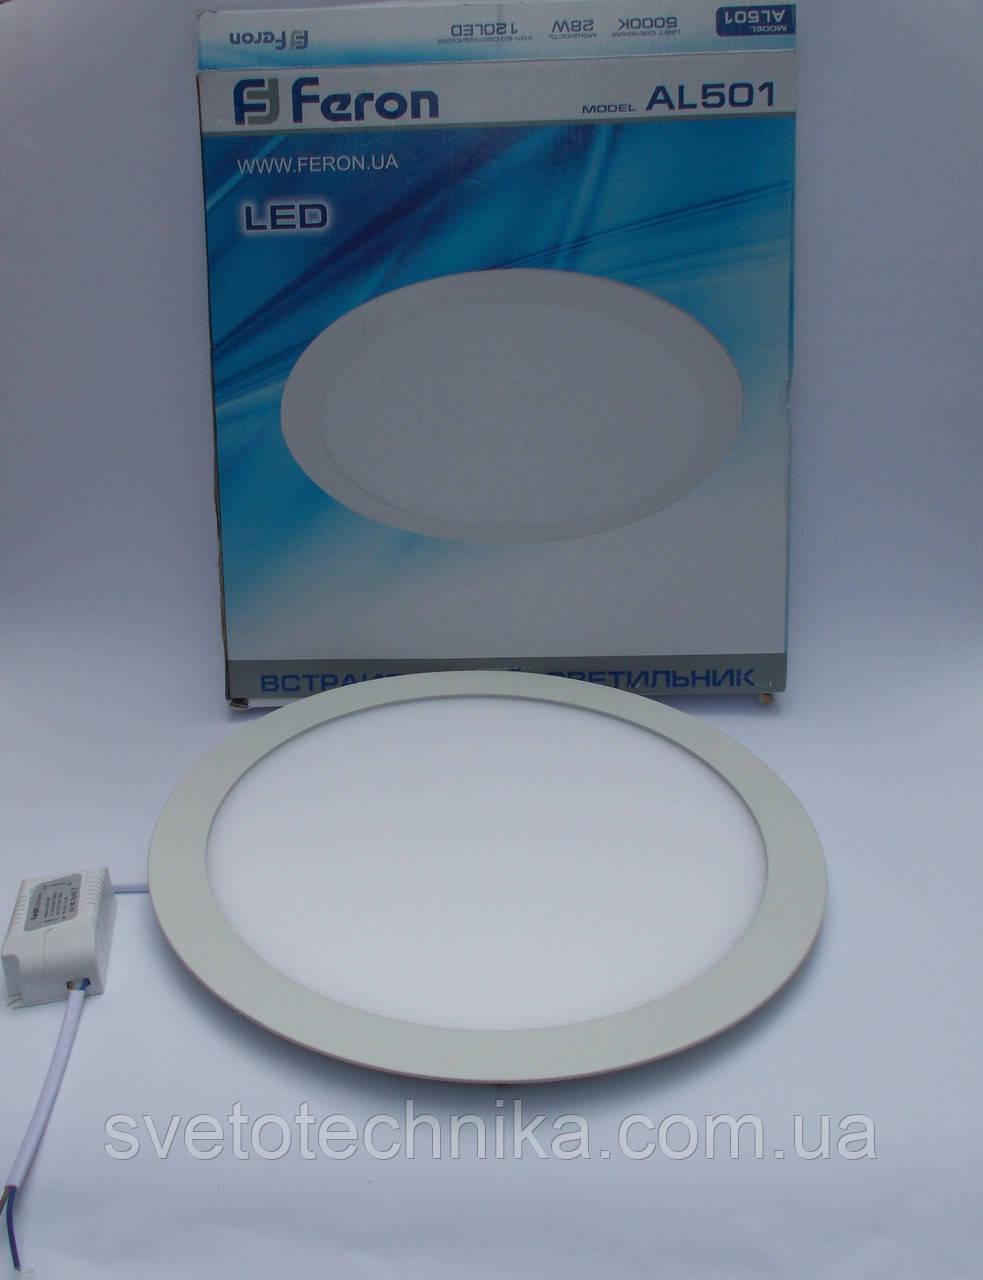 Светодиодная панель Feron AL501 28W 6400K (корпус -белый)